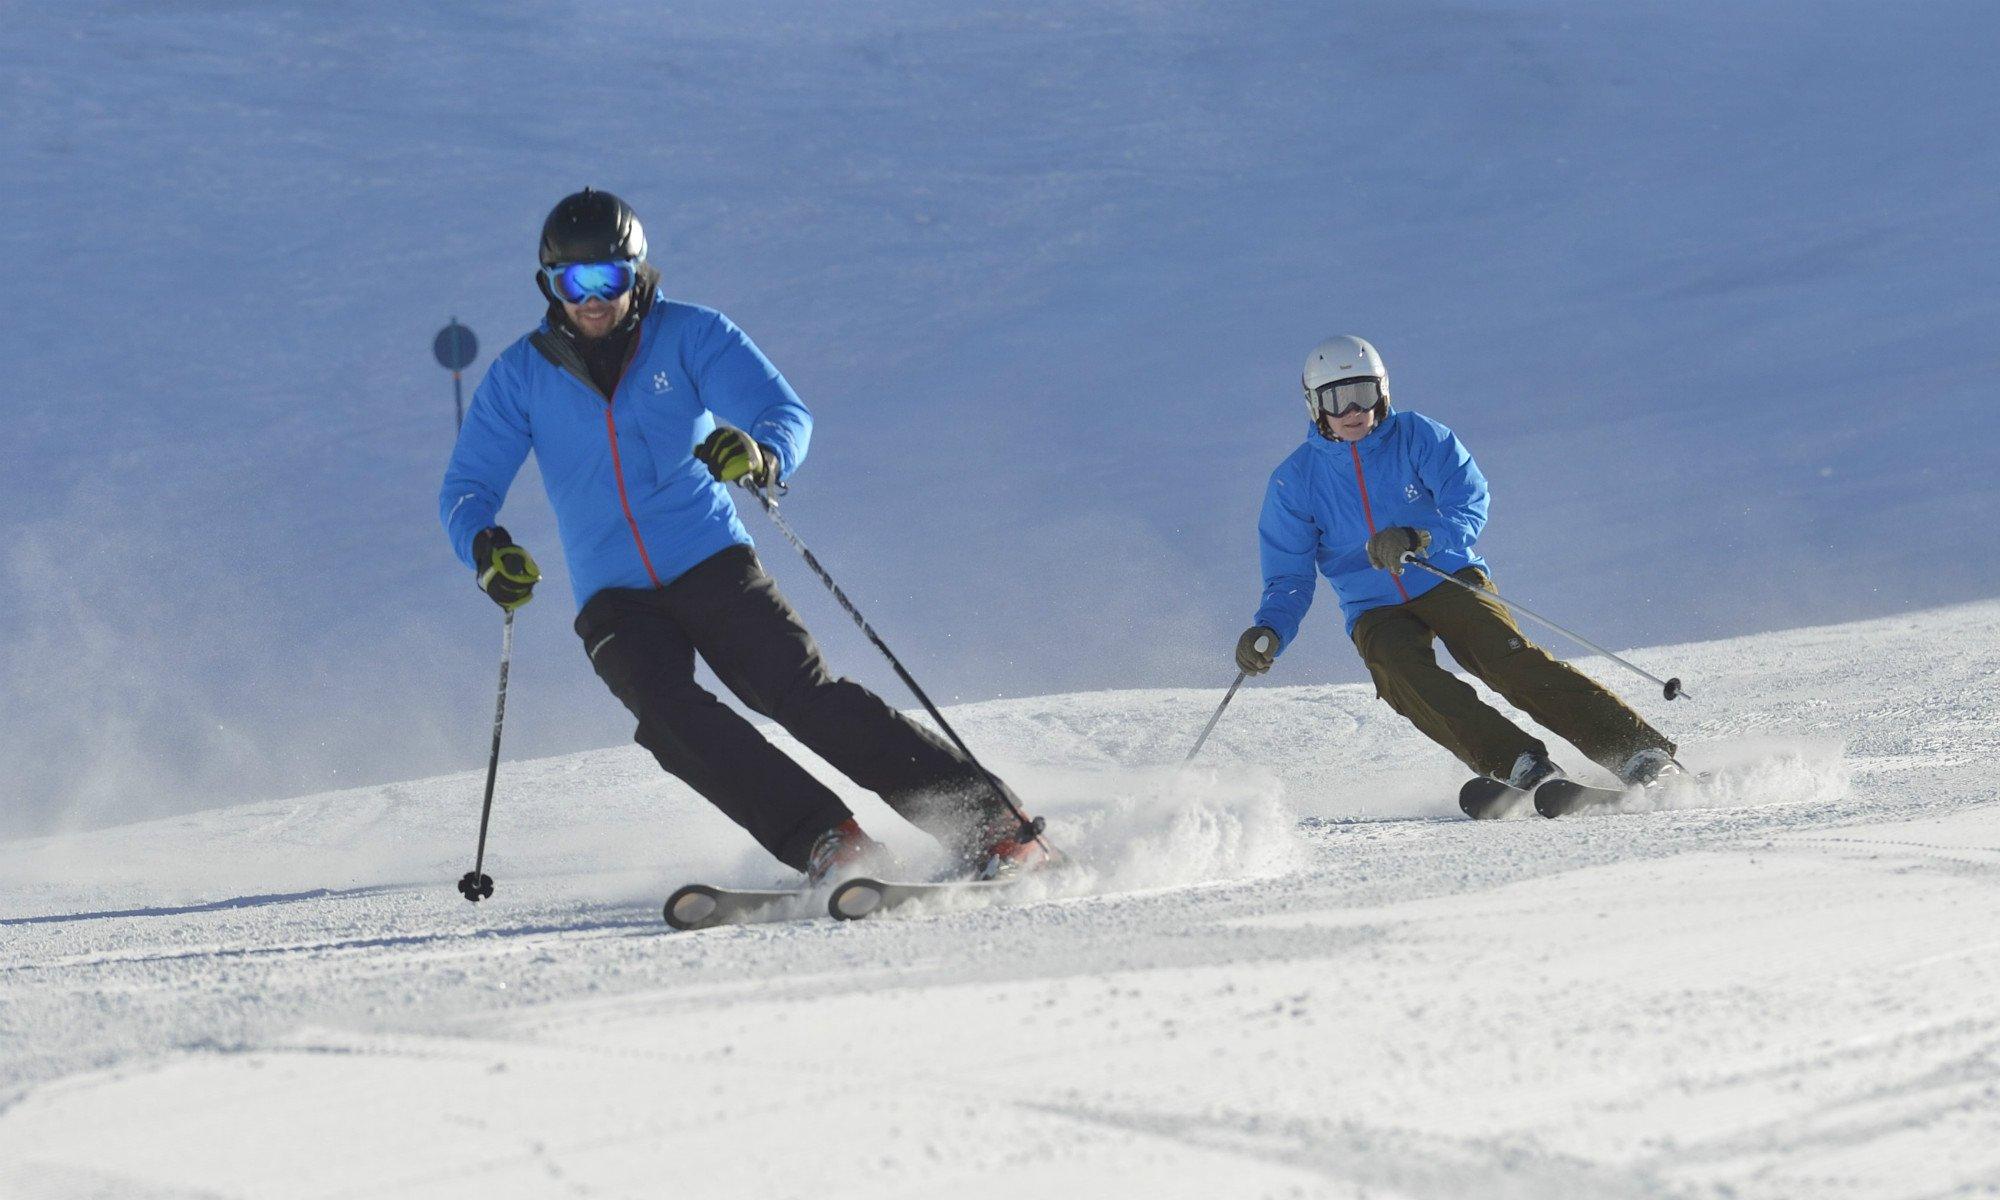 Zwei Skifahrer fahren im Parallelschwung die Skipiste hinunter.